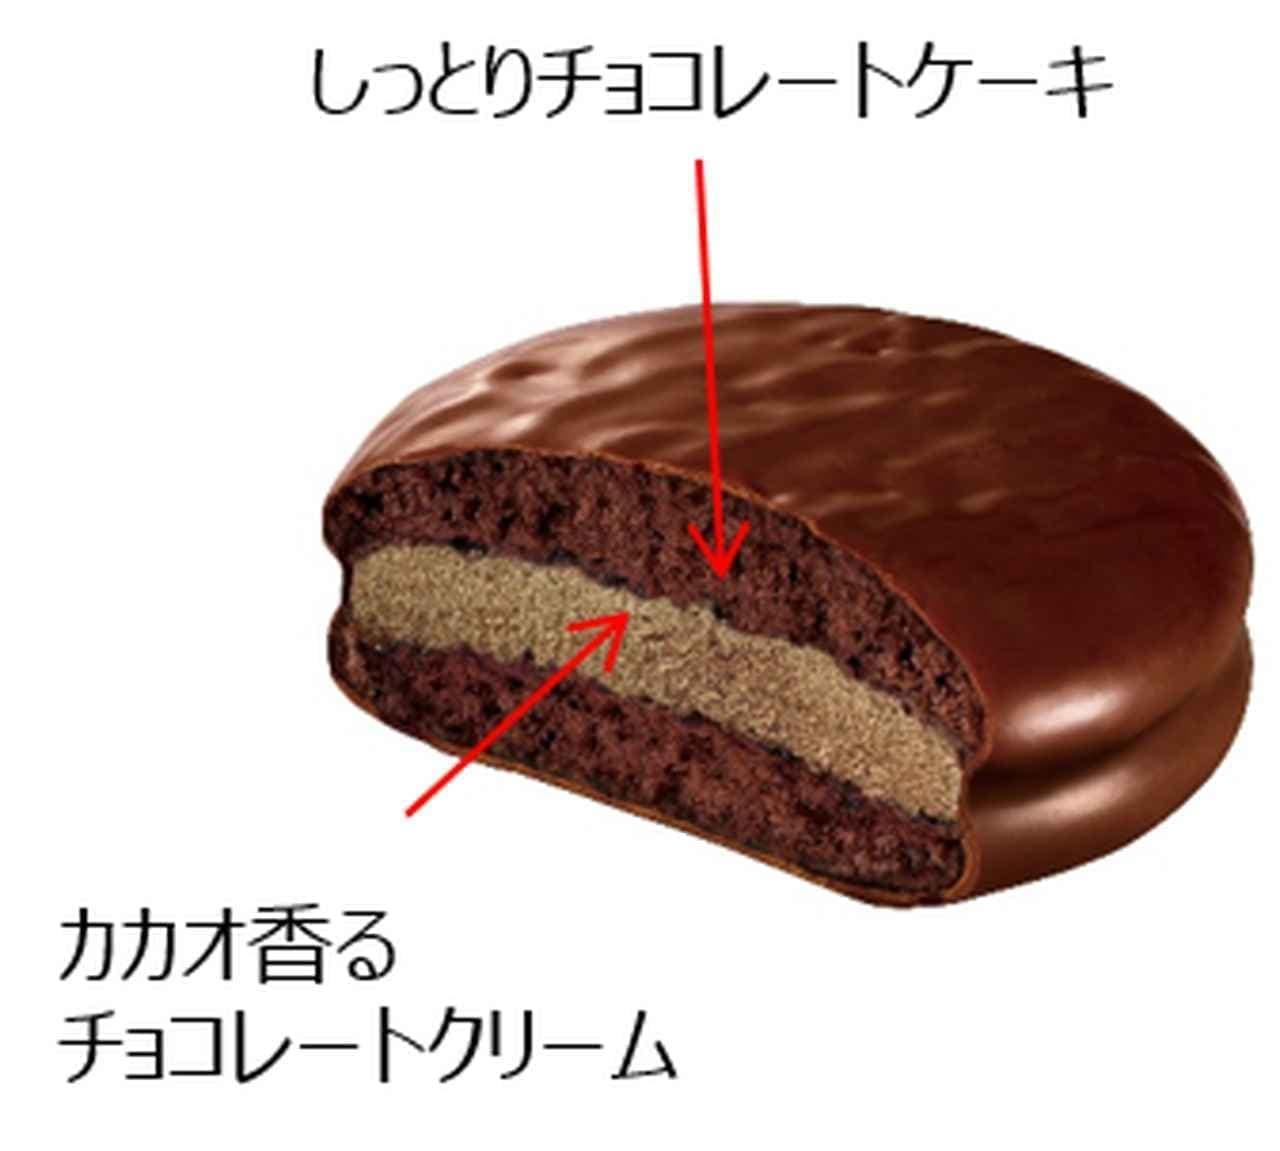 ロッテ「冬のチョコパイアイス」「冬のチョコパイ<濃厚仕立て>」